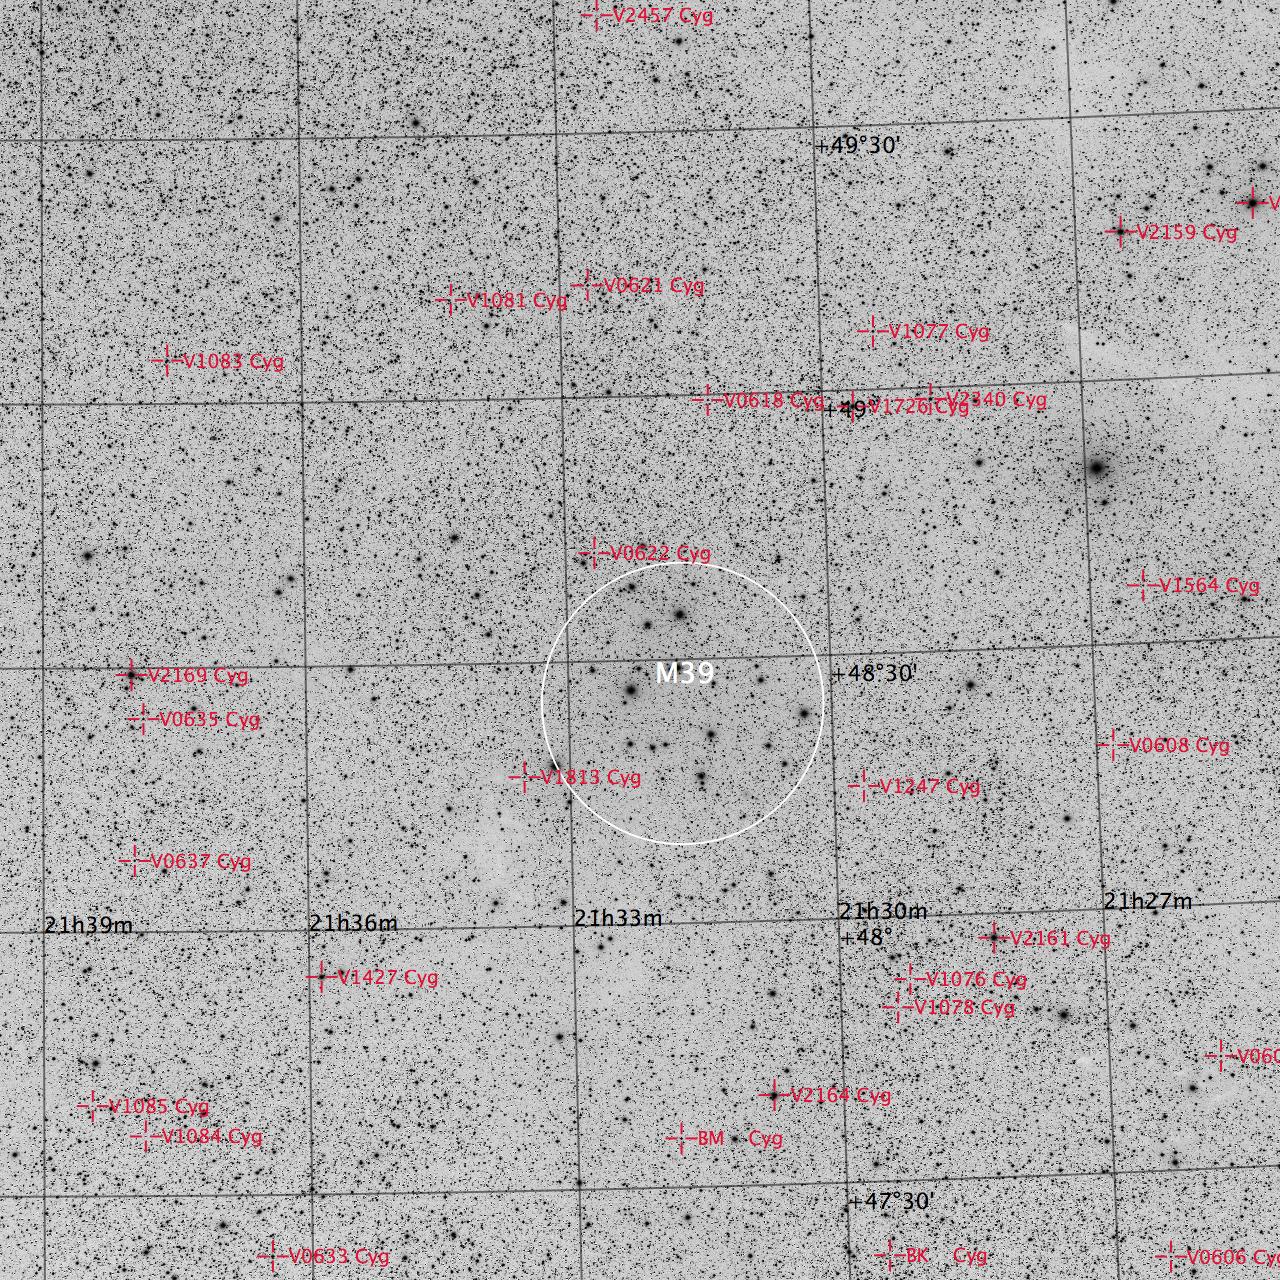 M39 aufgenommen mit einem Takahashi FSQ-106 Teleskop und einer SBIG STL-11000M CCD Kamera. Veränderliche Sterne sind rote markiert. Norden ist oben, Osten links.